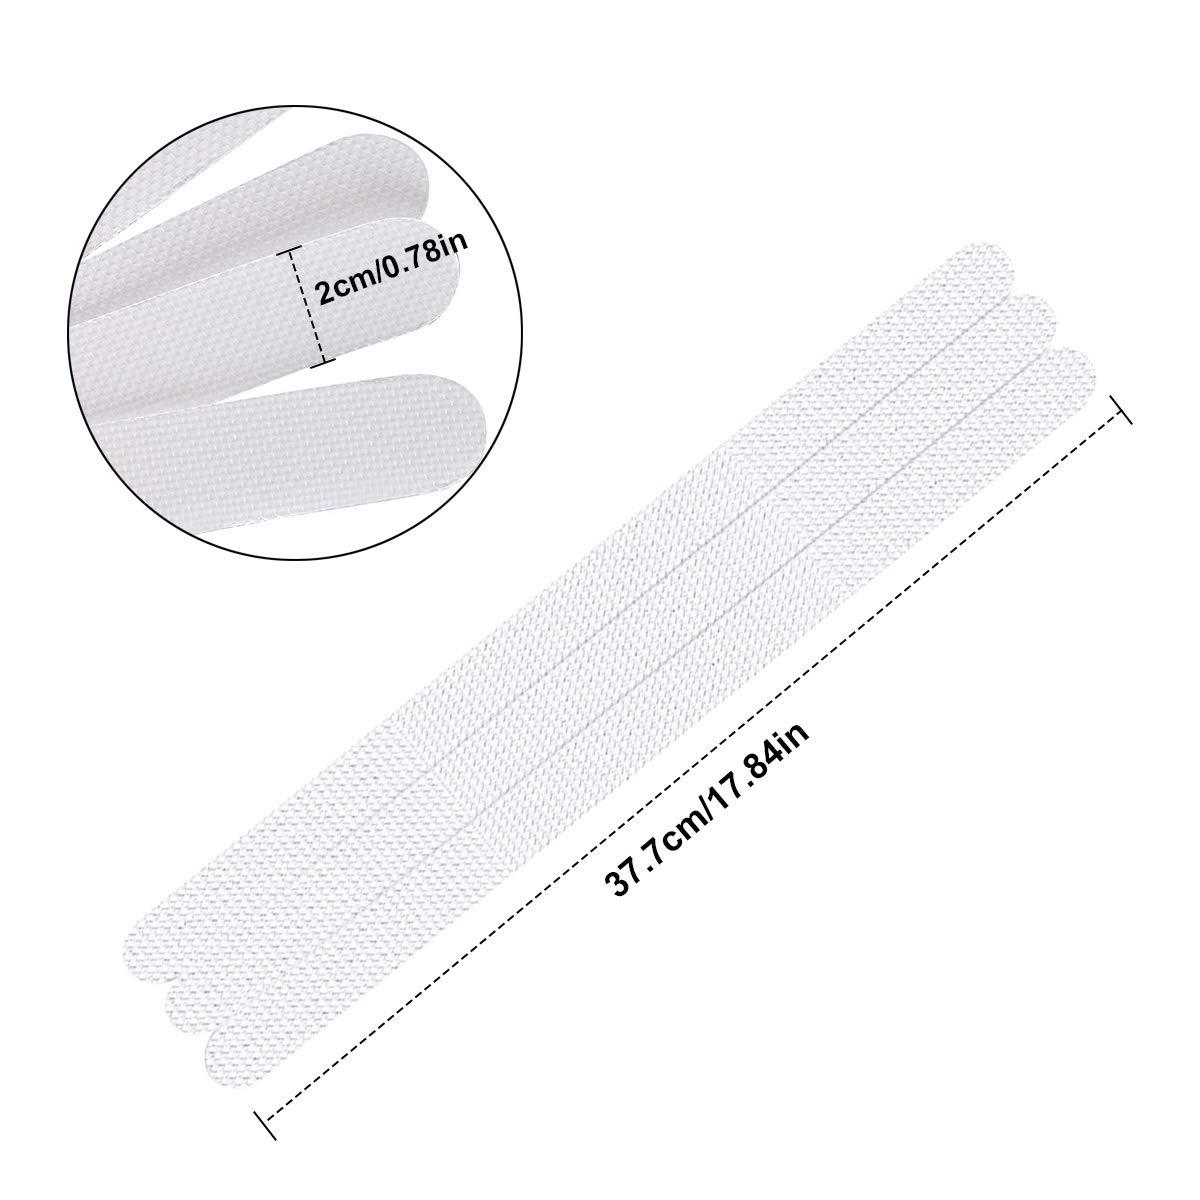 Adesivi Antiscivolo per Doccia Trasparente Adesivi Antiscivolo per Vasca con Raschietto 2 38 cm Dokpav 18 Pezzi Adesivi Antiscivolo